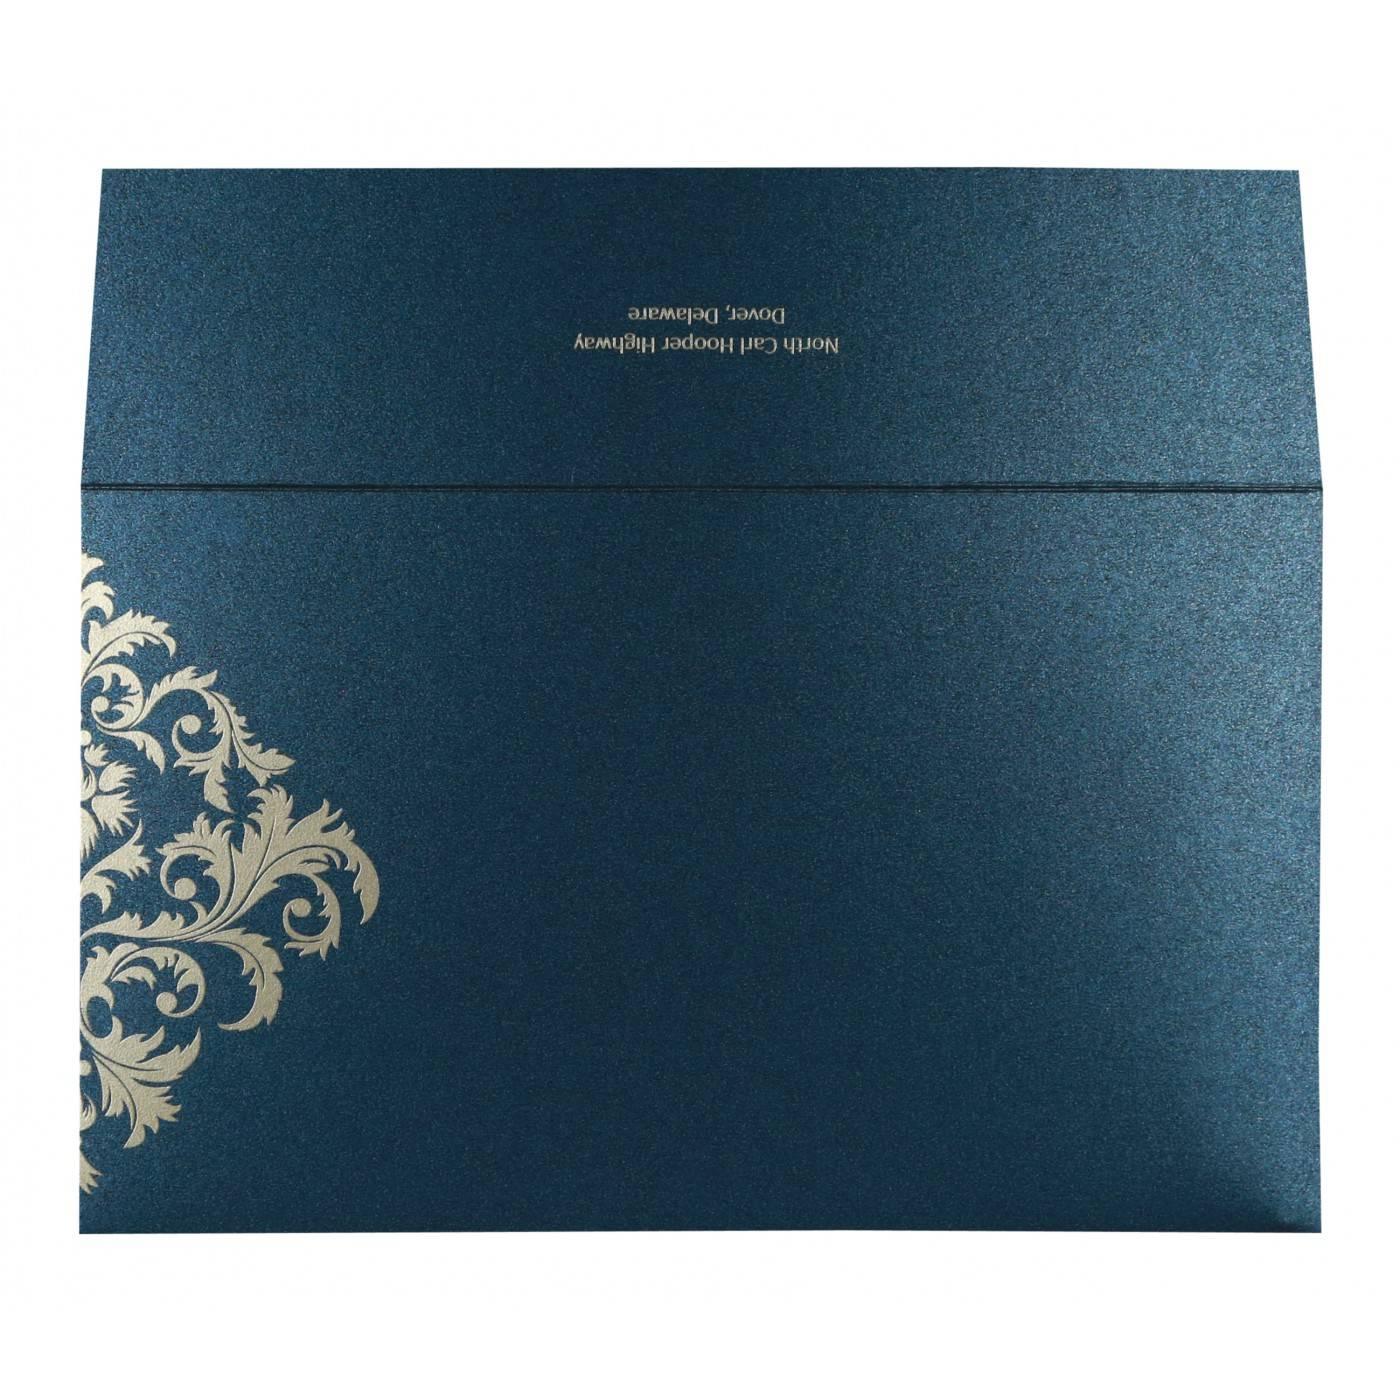 DARK BLUE SHIMMERY DAMASK THEMED - SCREEN PRINTED WEDDING CARD : CW-8257G - IndianWeddingCards